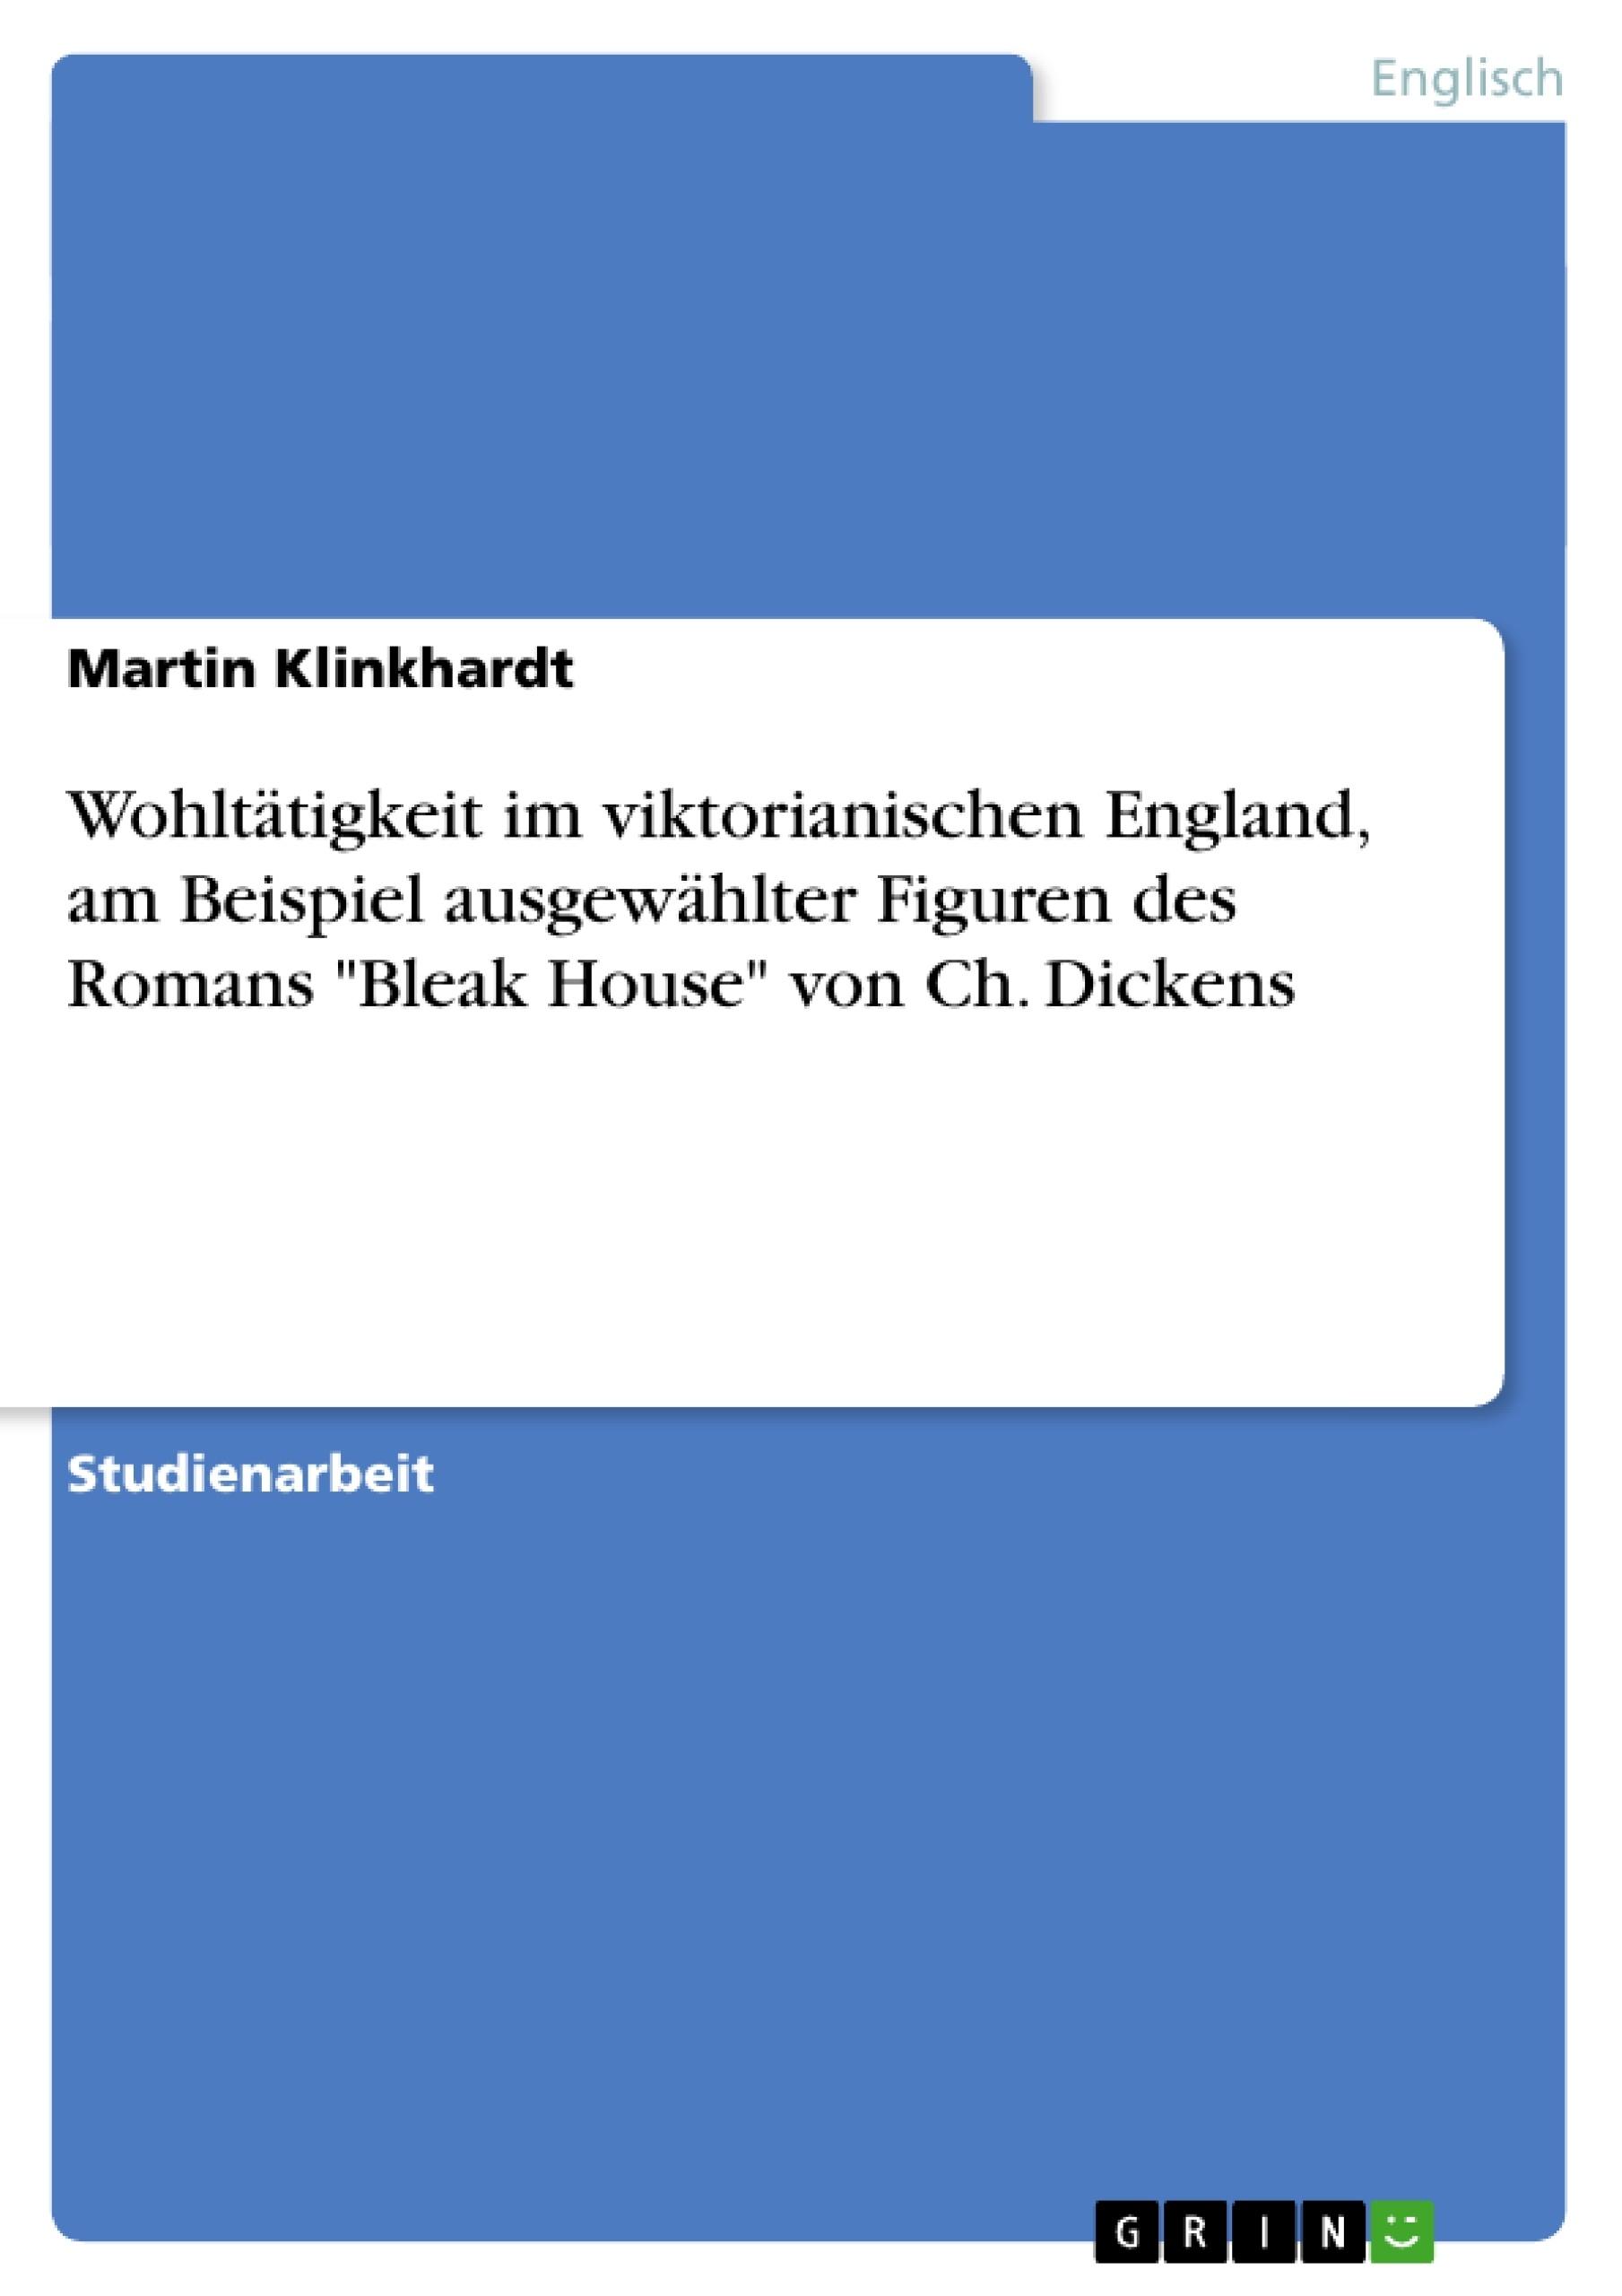 """Titel: Wohltätigkeit im viktorianischen England, am Beispiel ausgewählter Figuren des Romans """"Bleak House"""" von Ch. Dickens"""